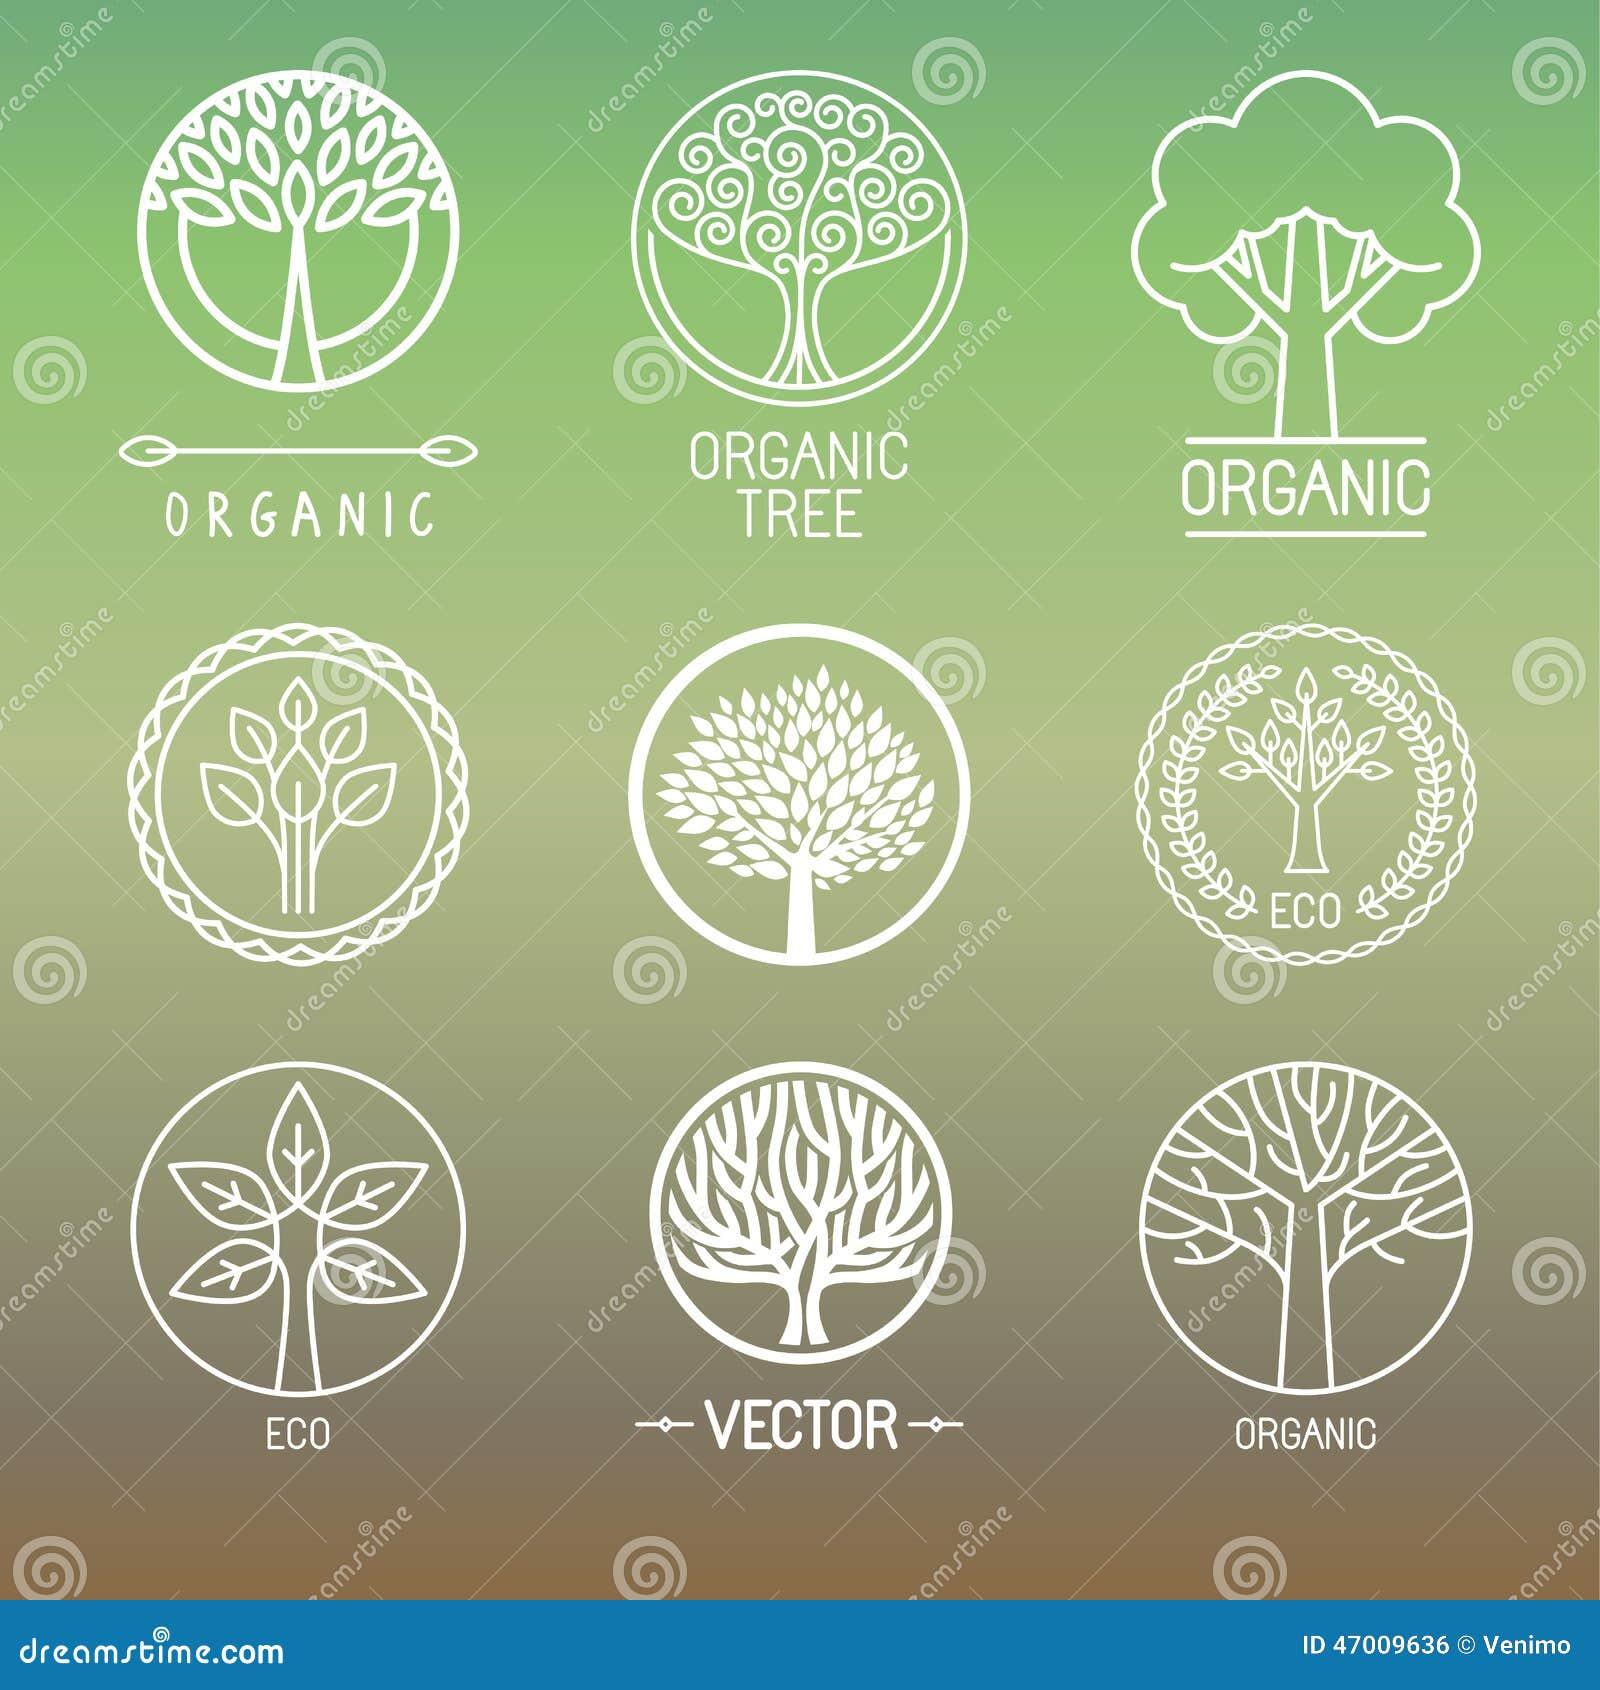 Logotipos e crachás da árvore do vetor